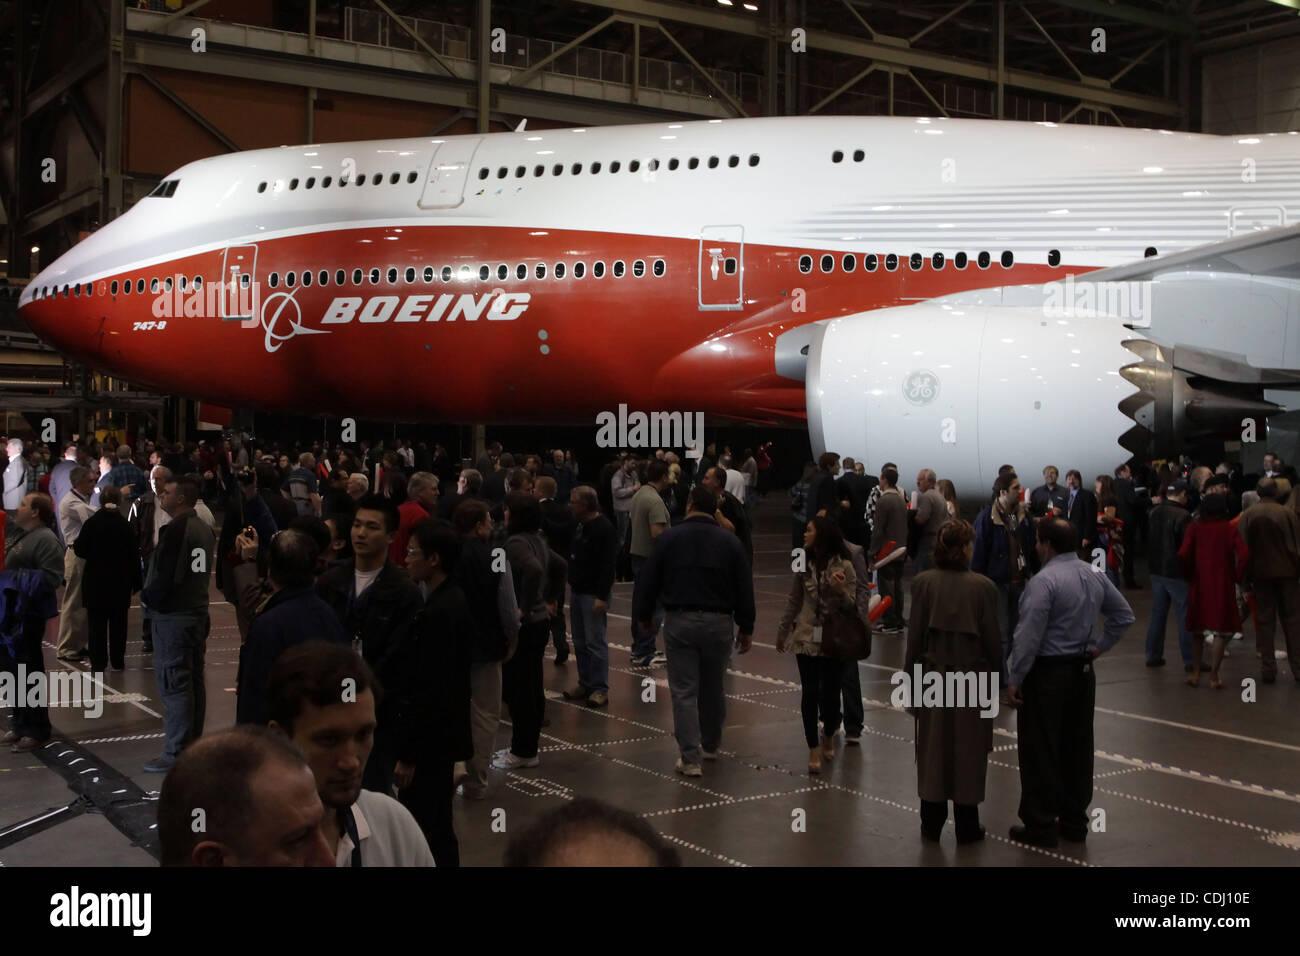 747 Boeing Everett Stock Photos & 747 Boeing Everett Stock